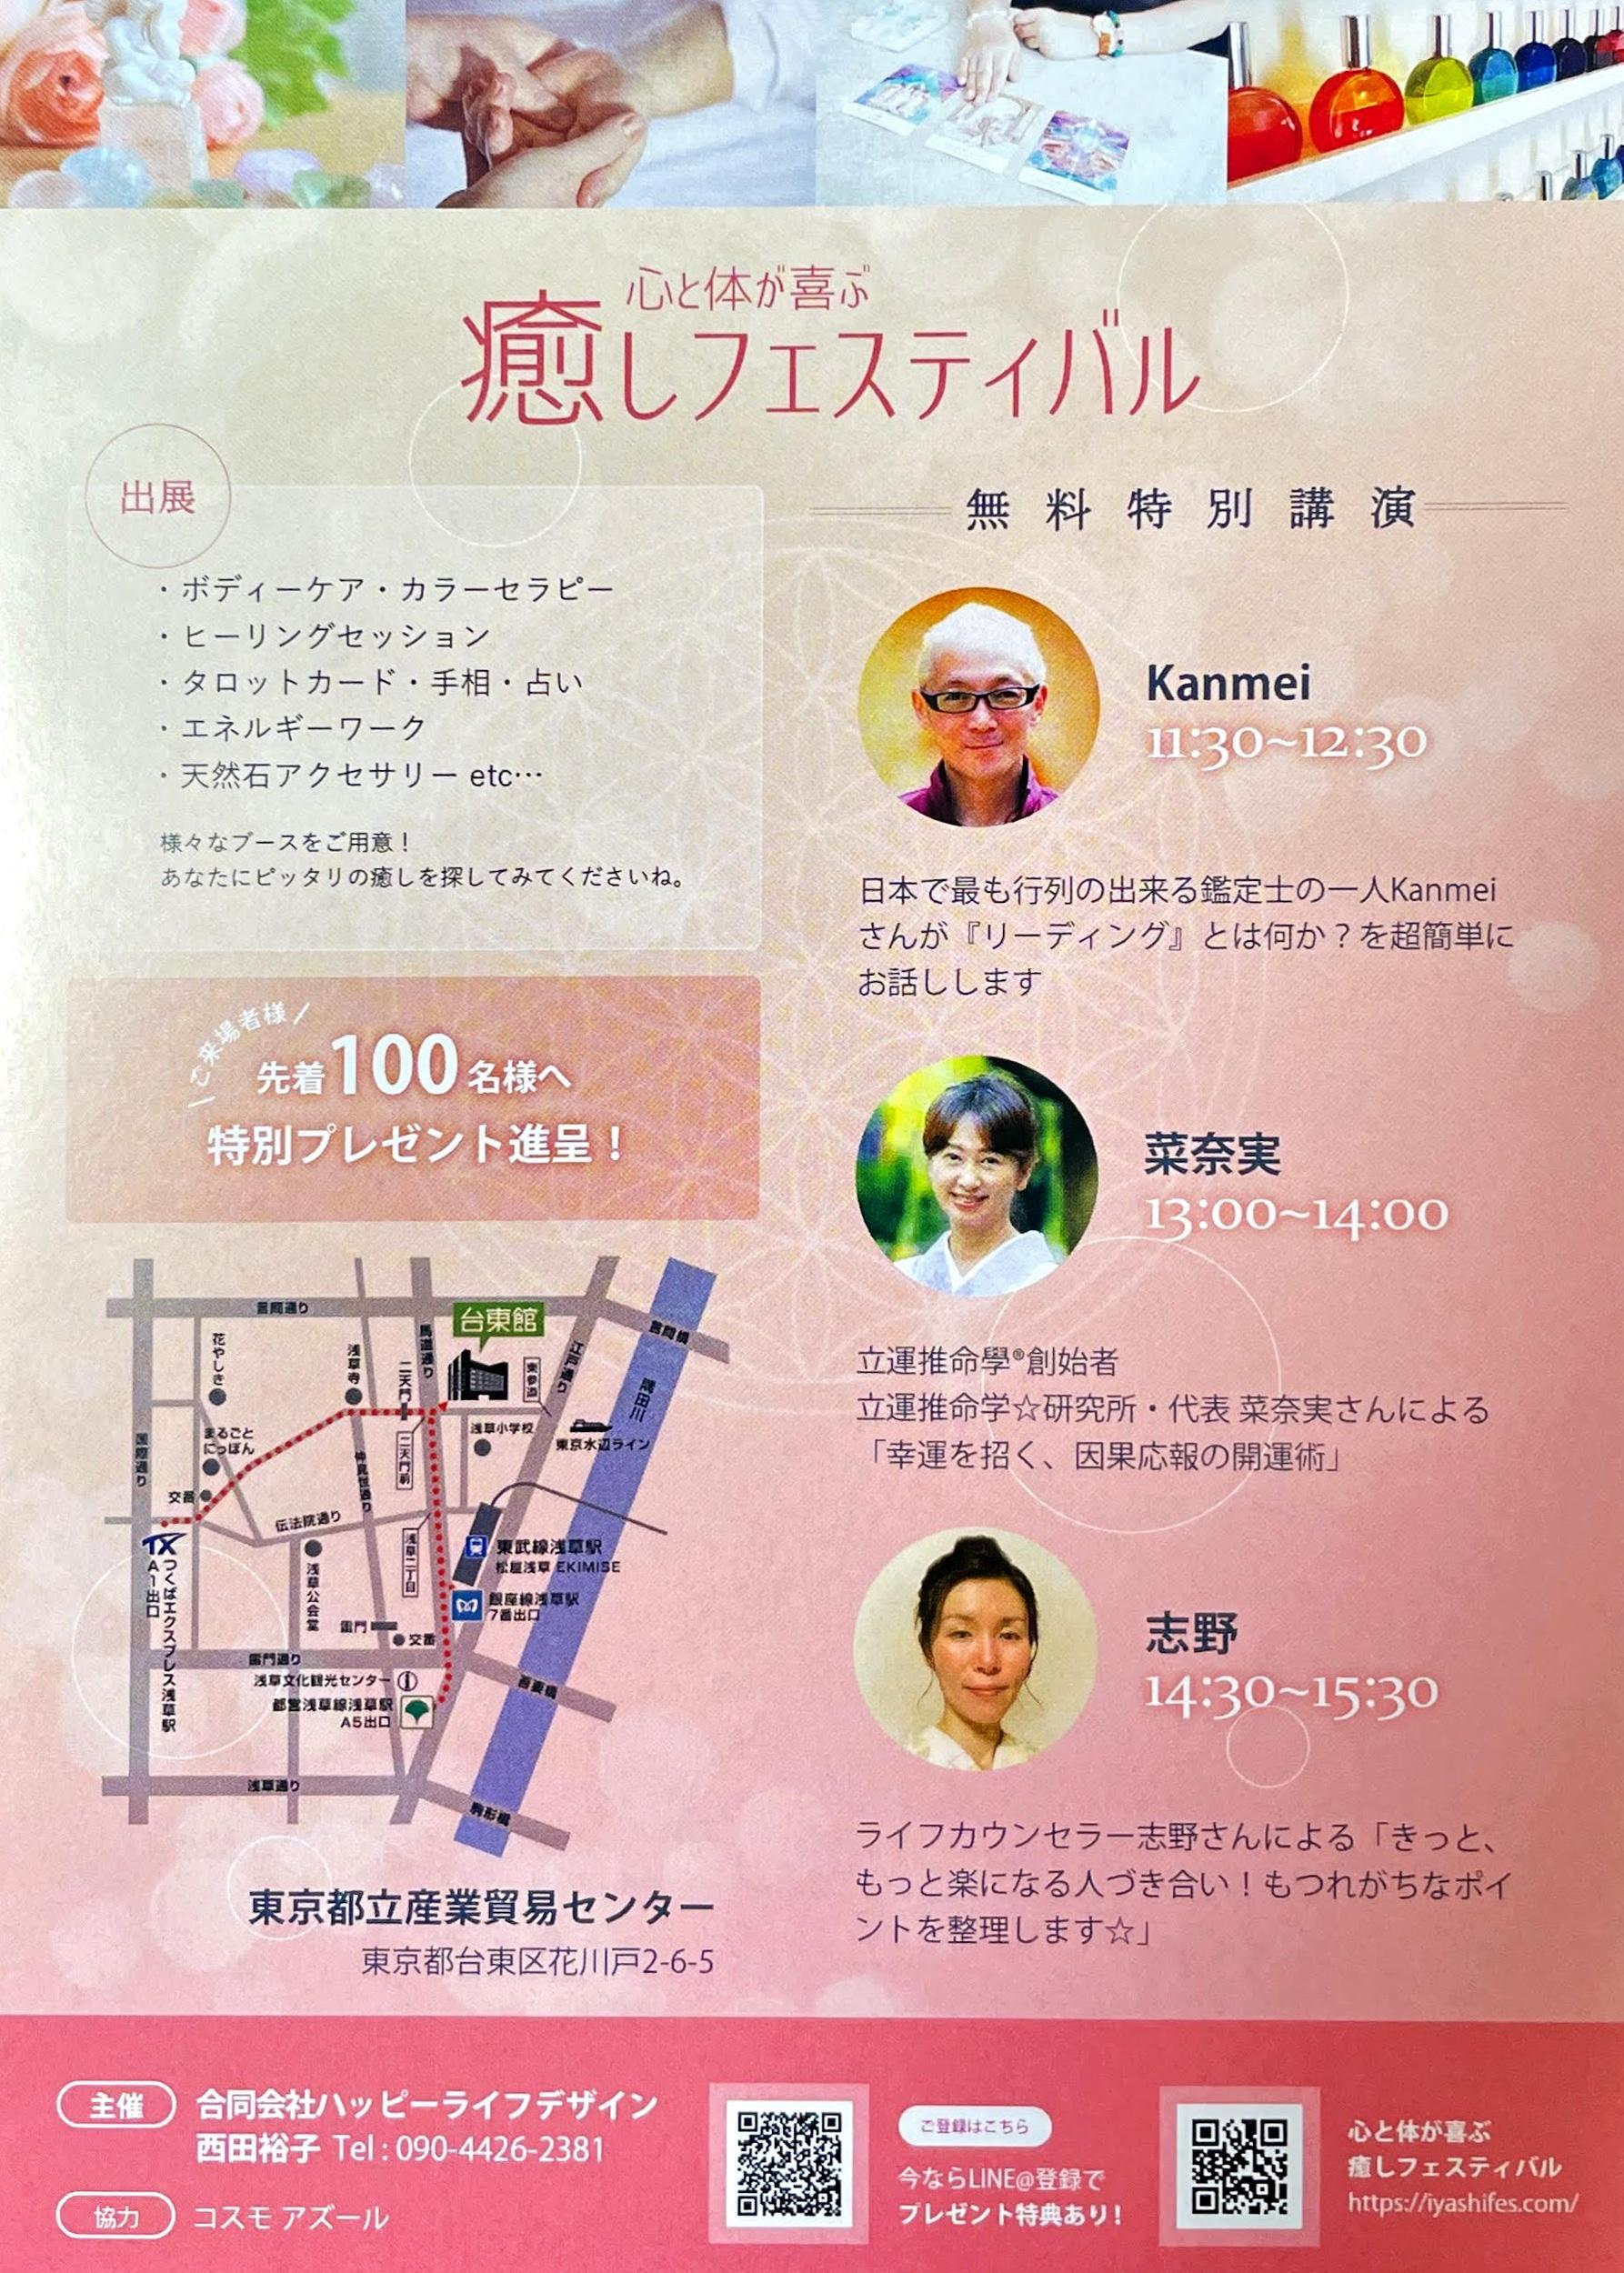 東京50回心と体が喜ぶ癒しフェスティバル